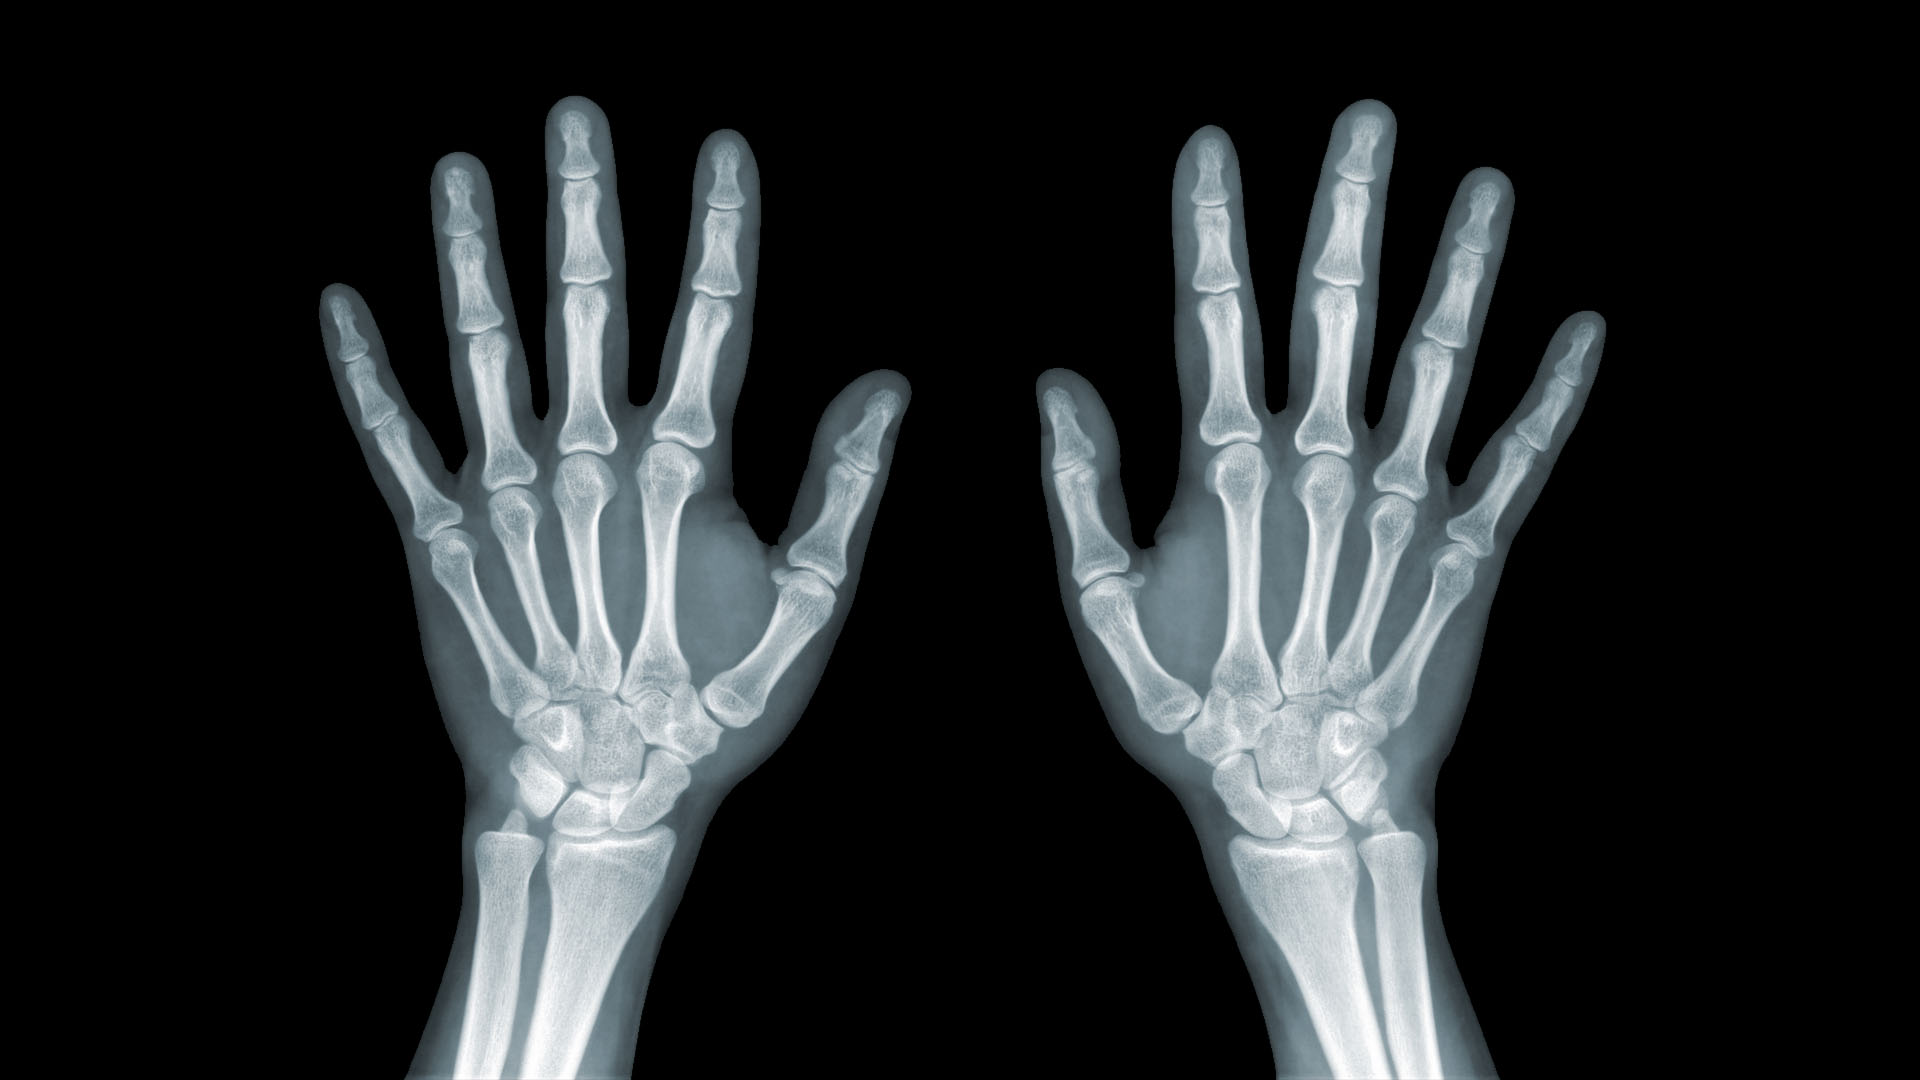 fájdalom a könyök ízület ligamentumában cukor ízületi fájdalmak esetén